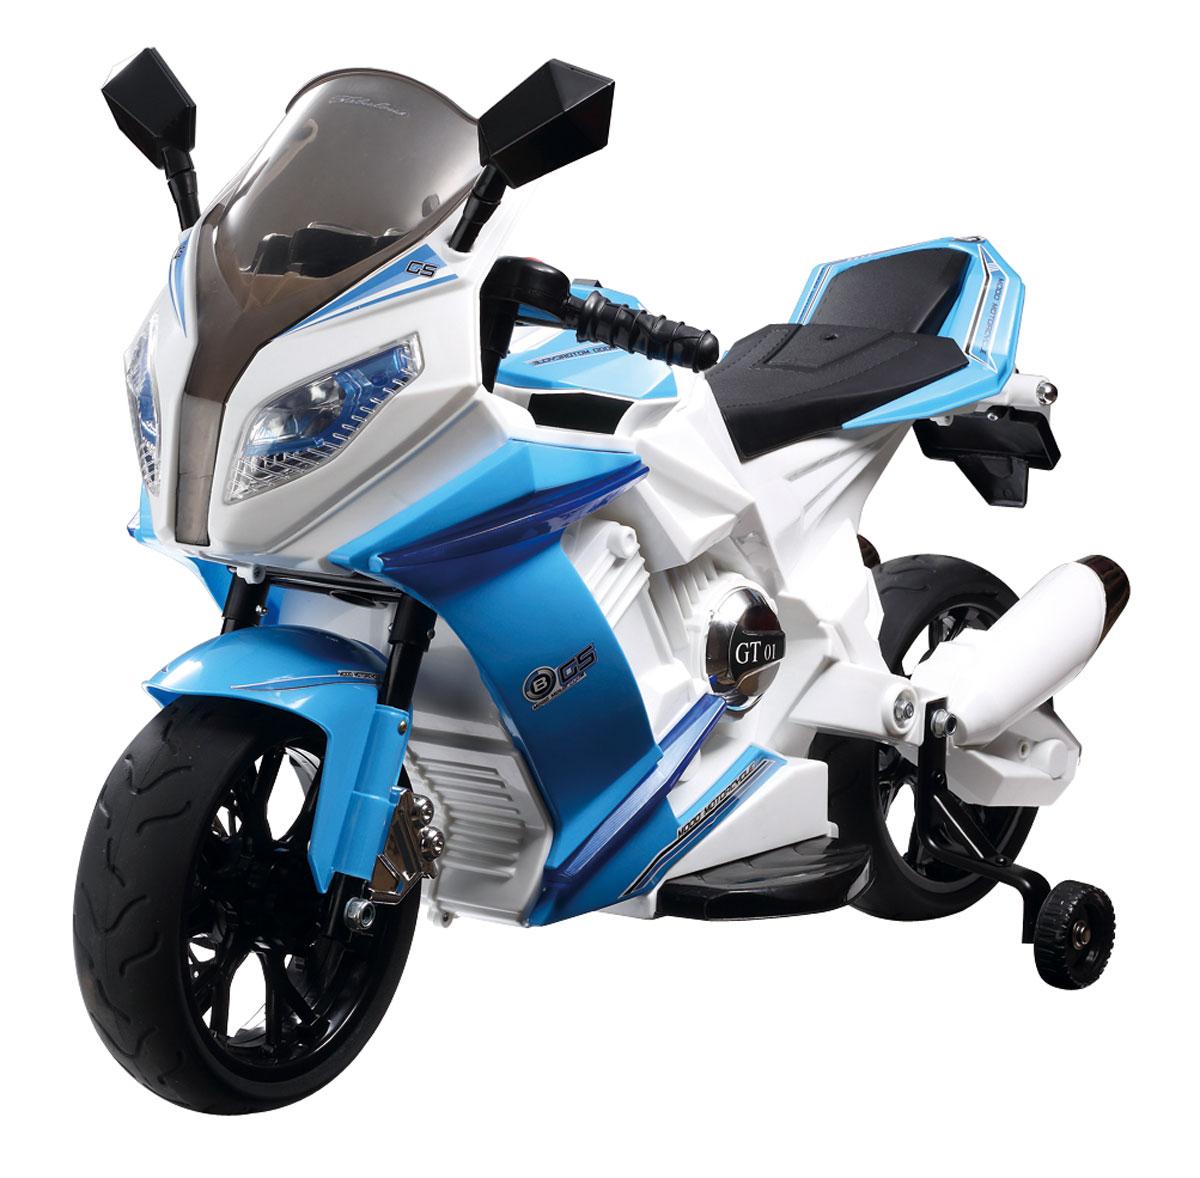 1TOY Мотоцикл аккумуляторный цвет белый голубой - Электромобили